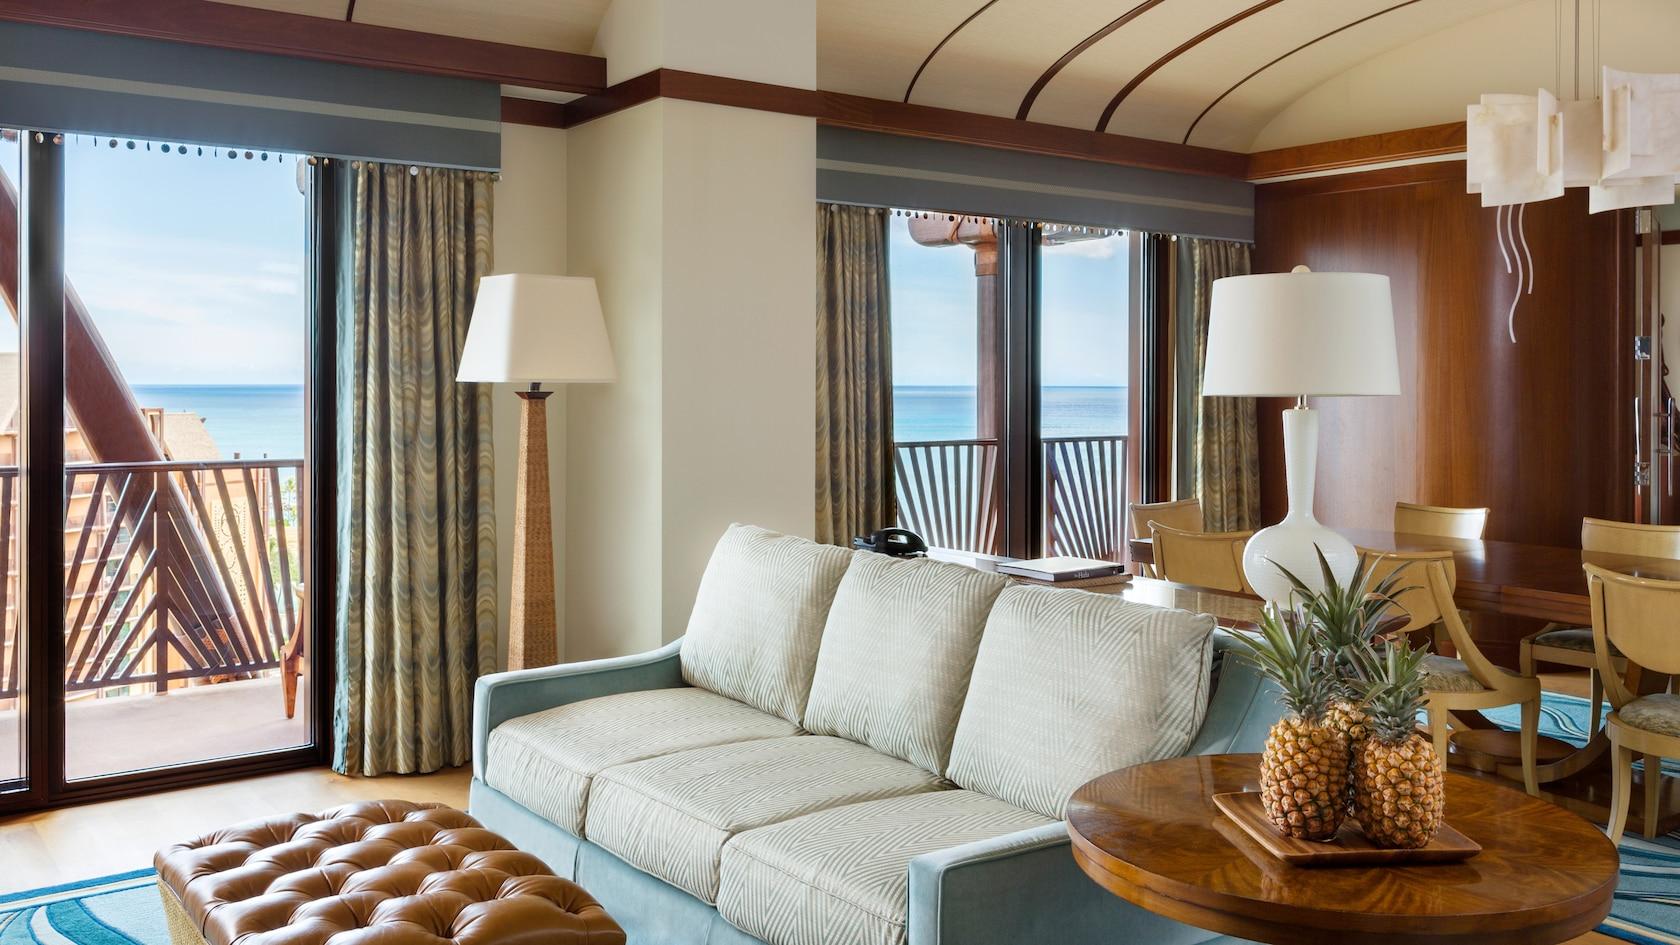 上質なソファーとダイニングテーブル & 椅子が置かれたデラックス 1 パーラーのスイートのリビングエリア